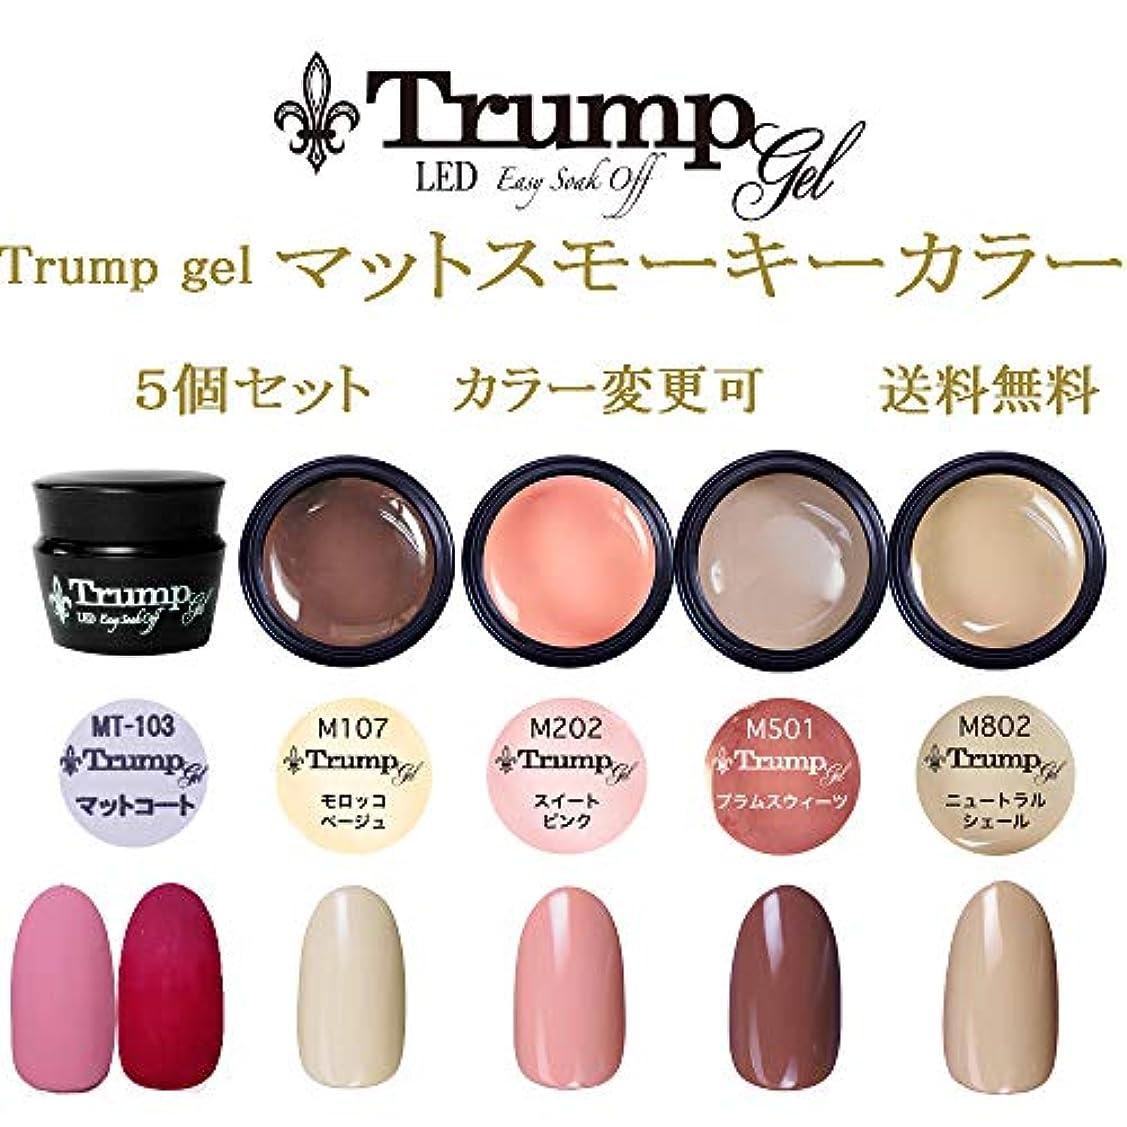 割り当てます九引き出し【送料無料】Trumpマットスモーキーカラー選べる カラージェル5個セット